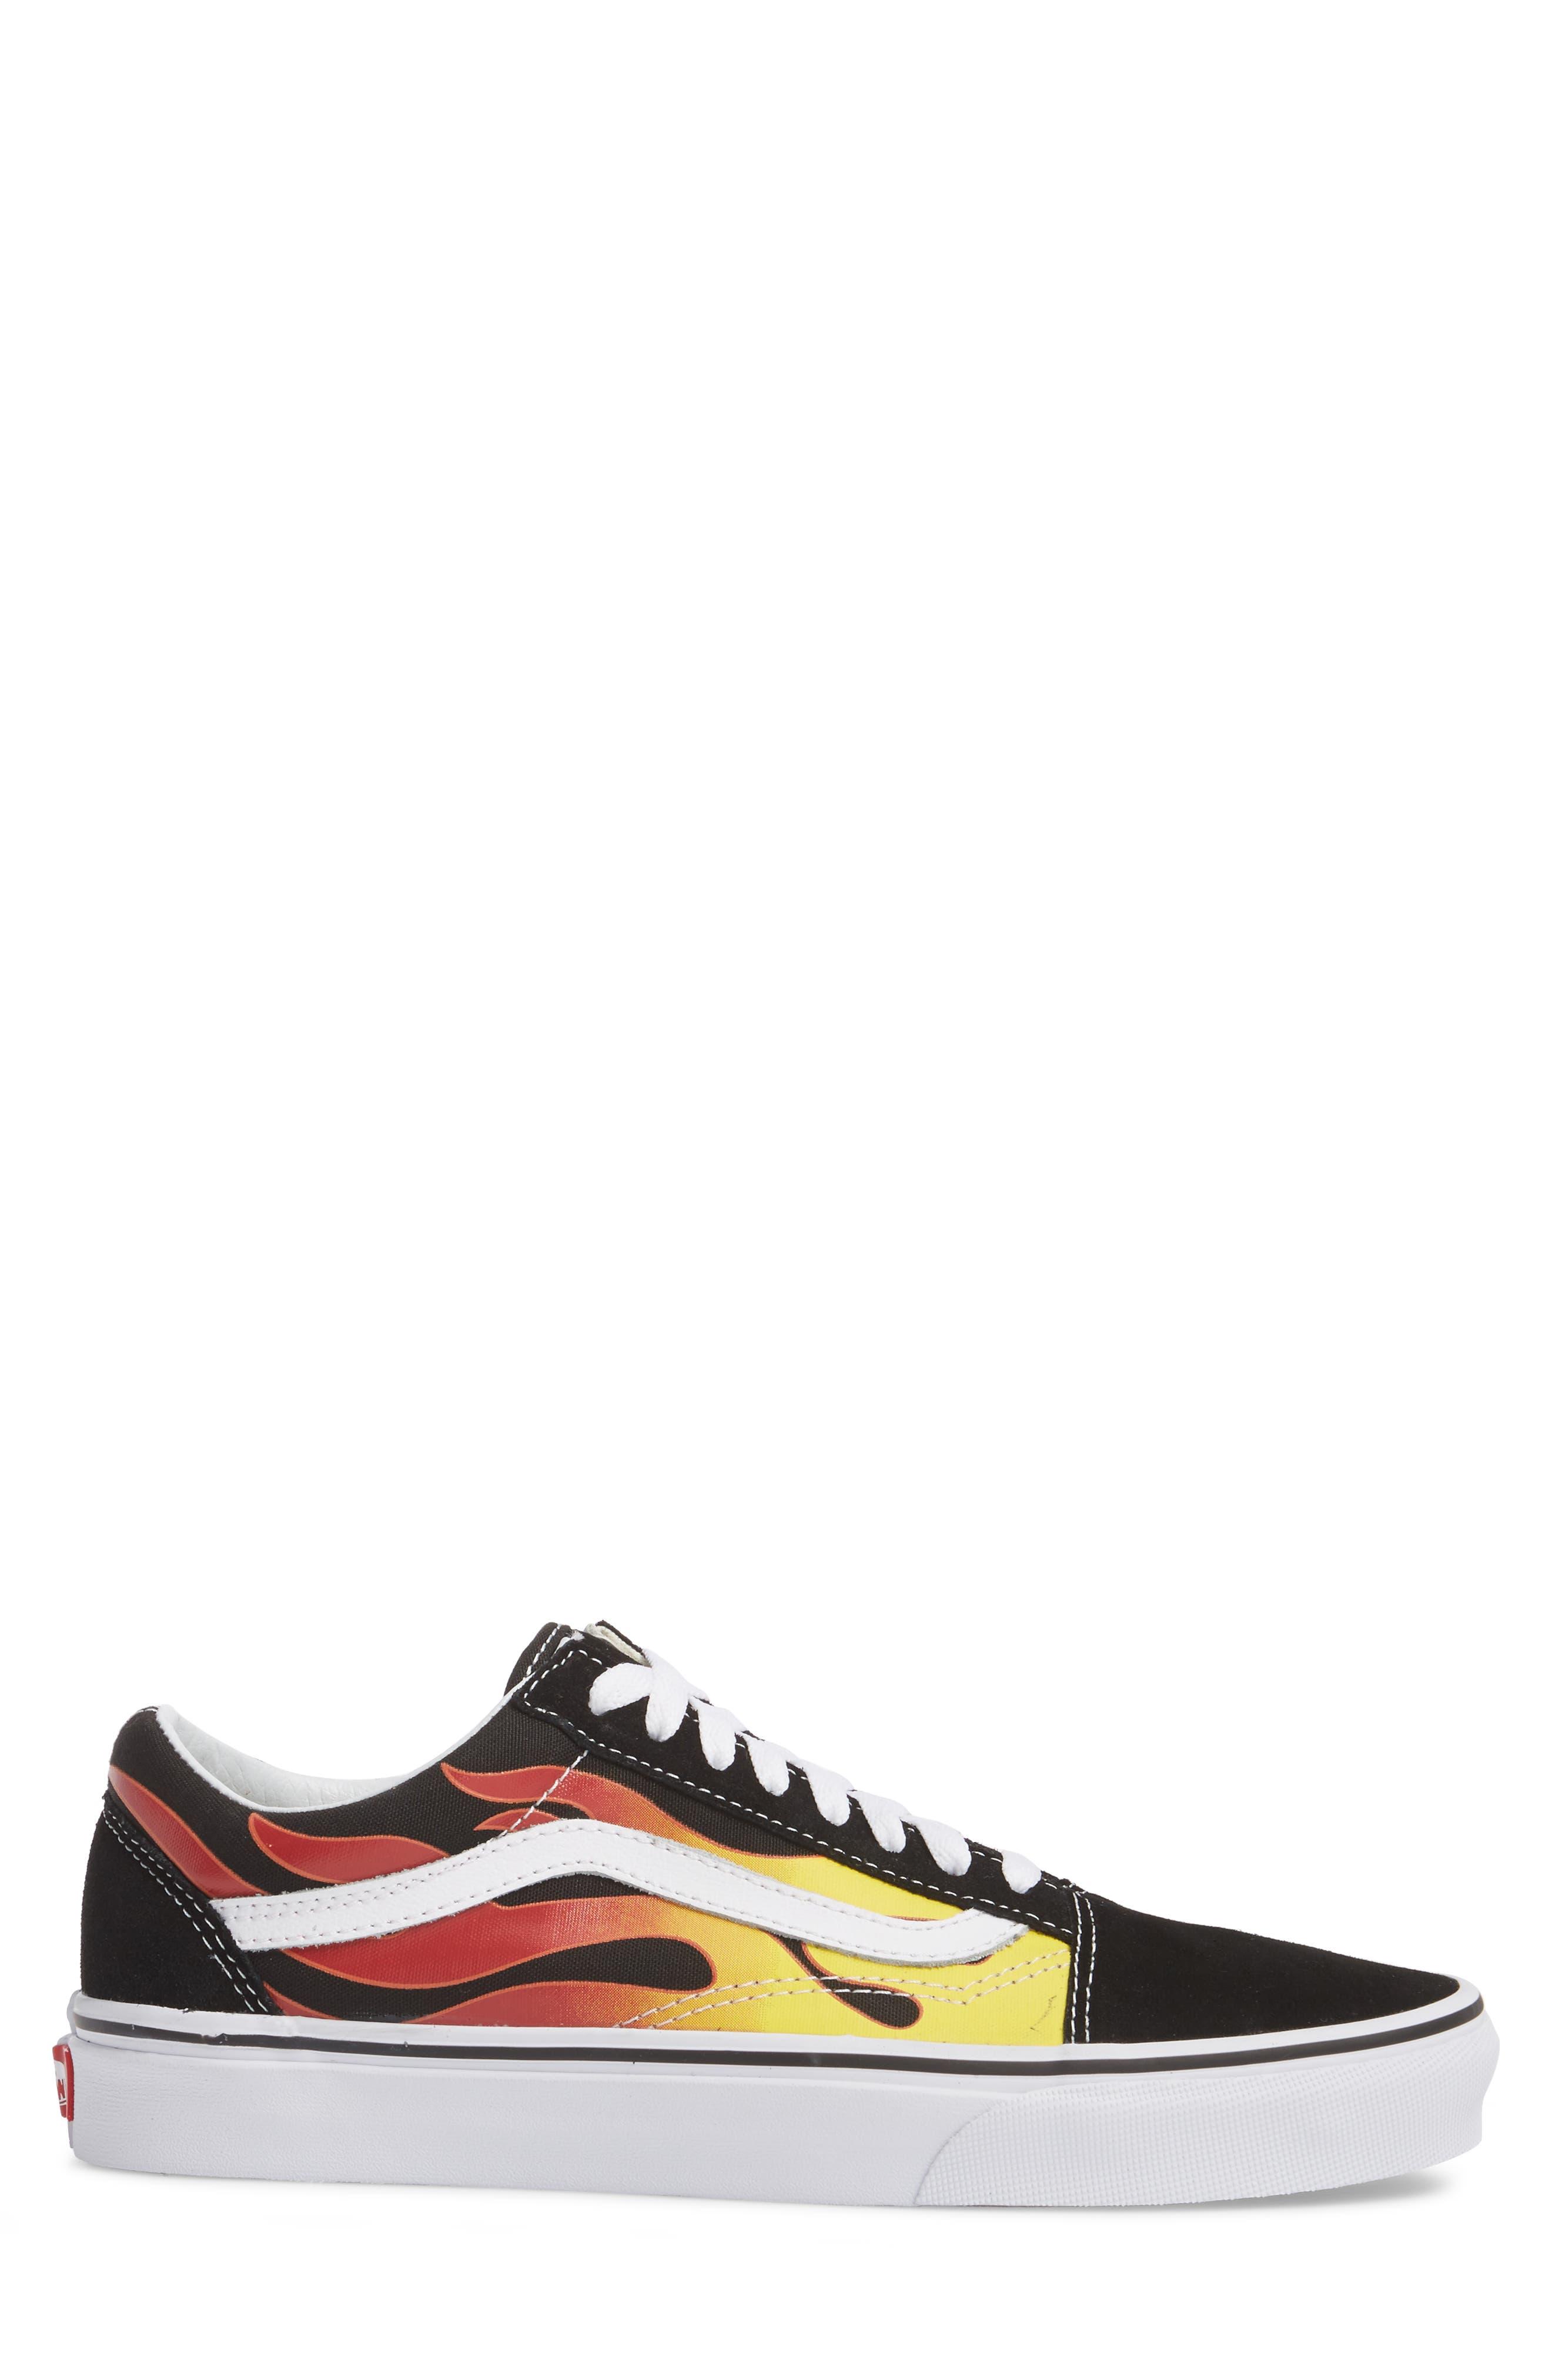 Alternate Image 3  - Vans UA Old Skool Low Top Sneaker (Men)